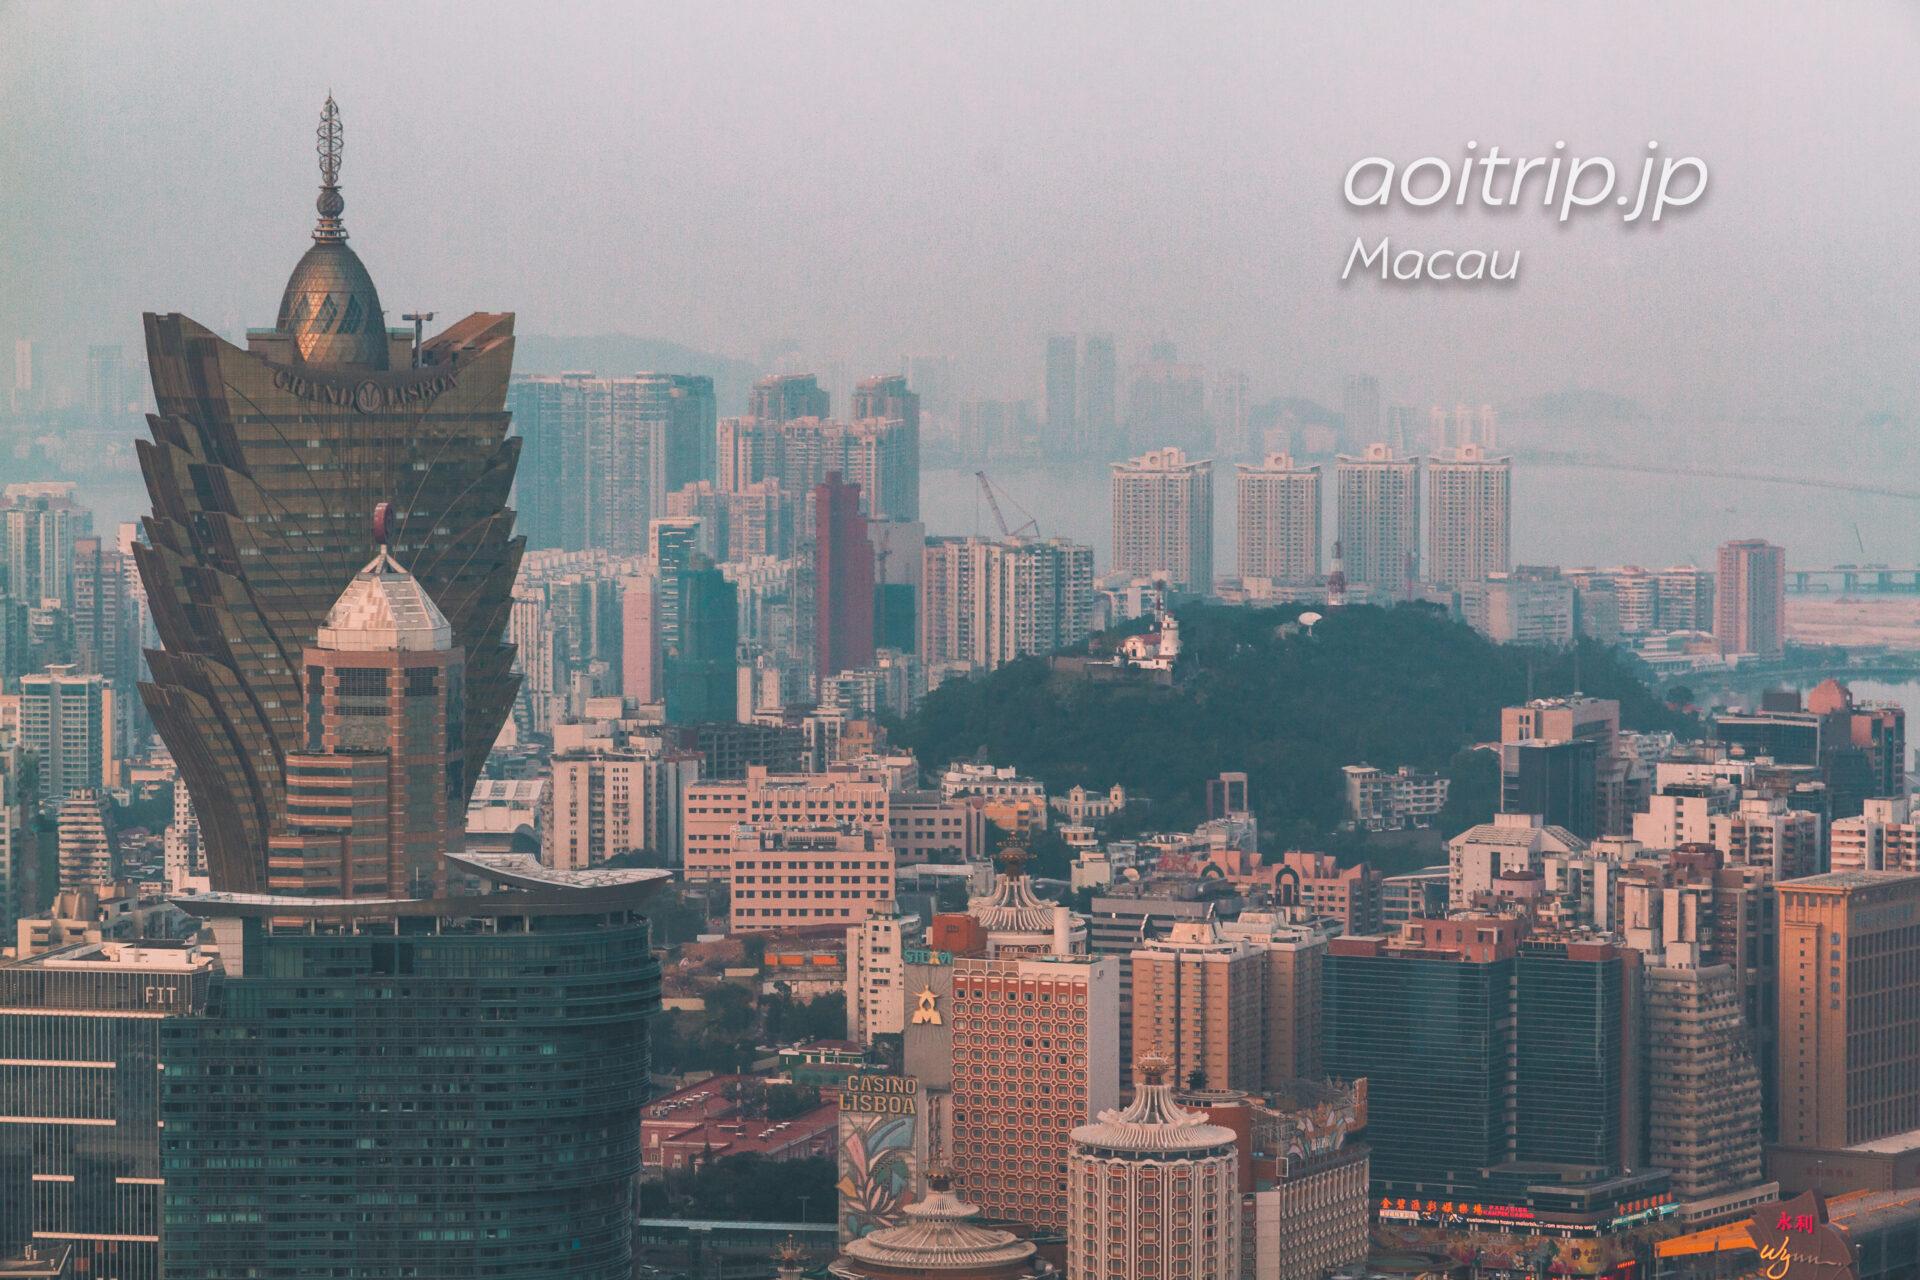 マカオタワー展望台の眺め